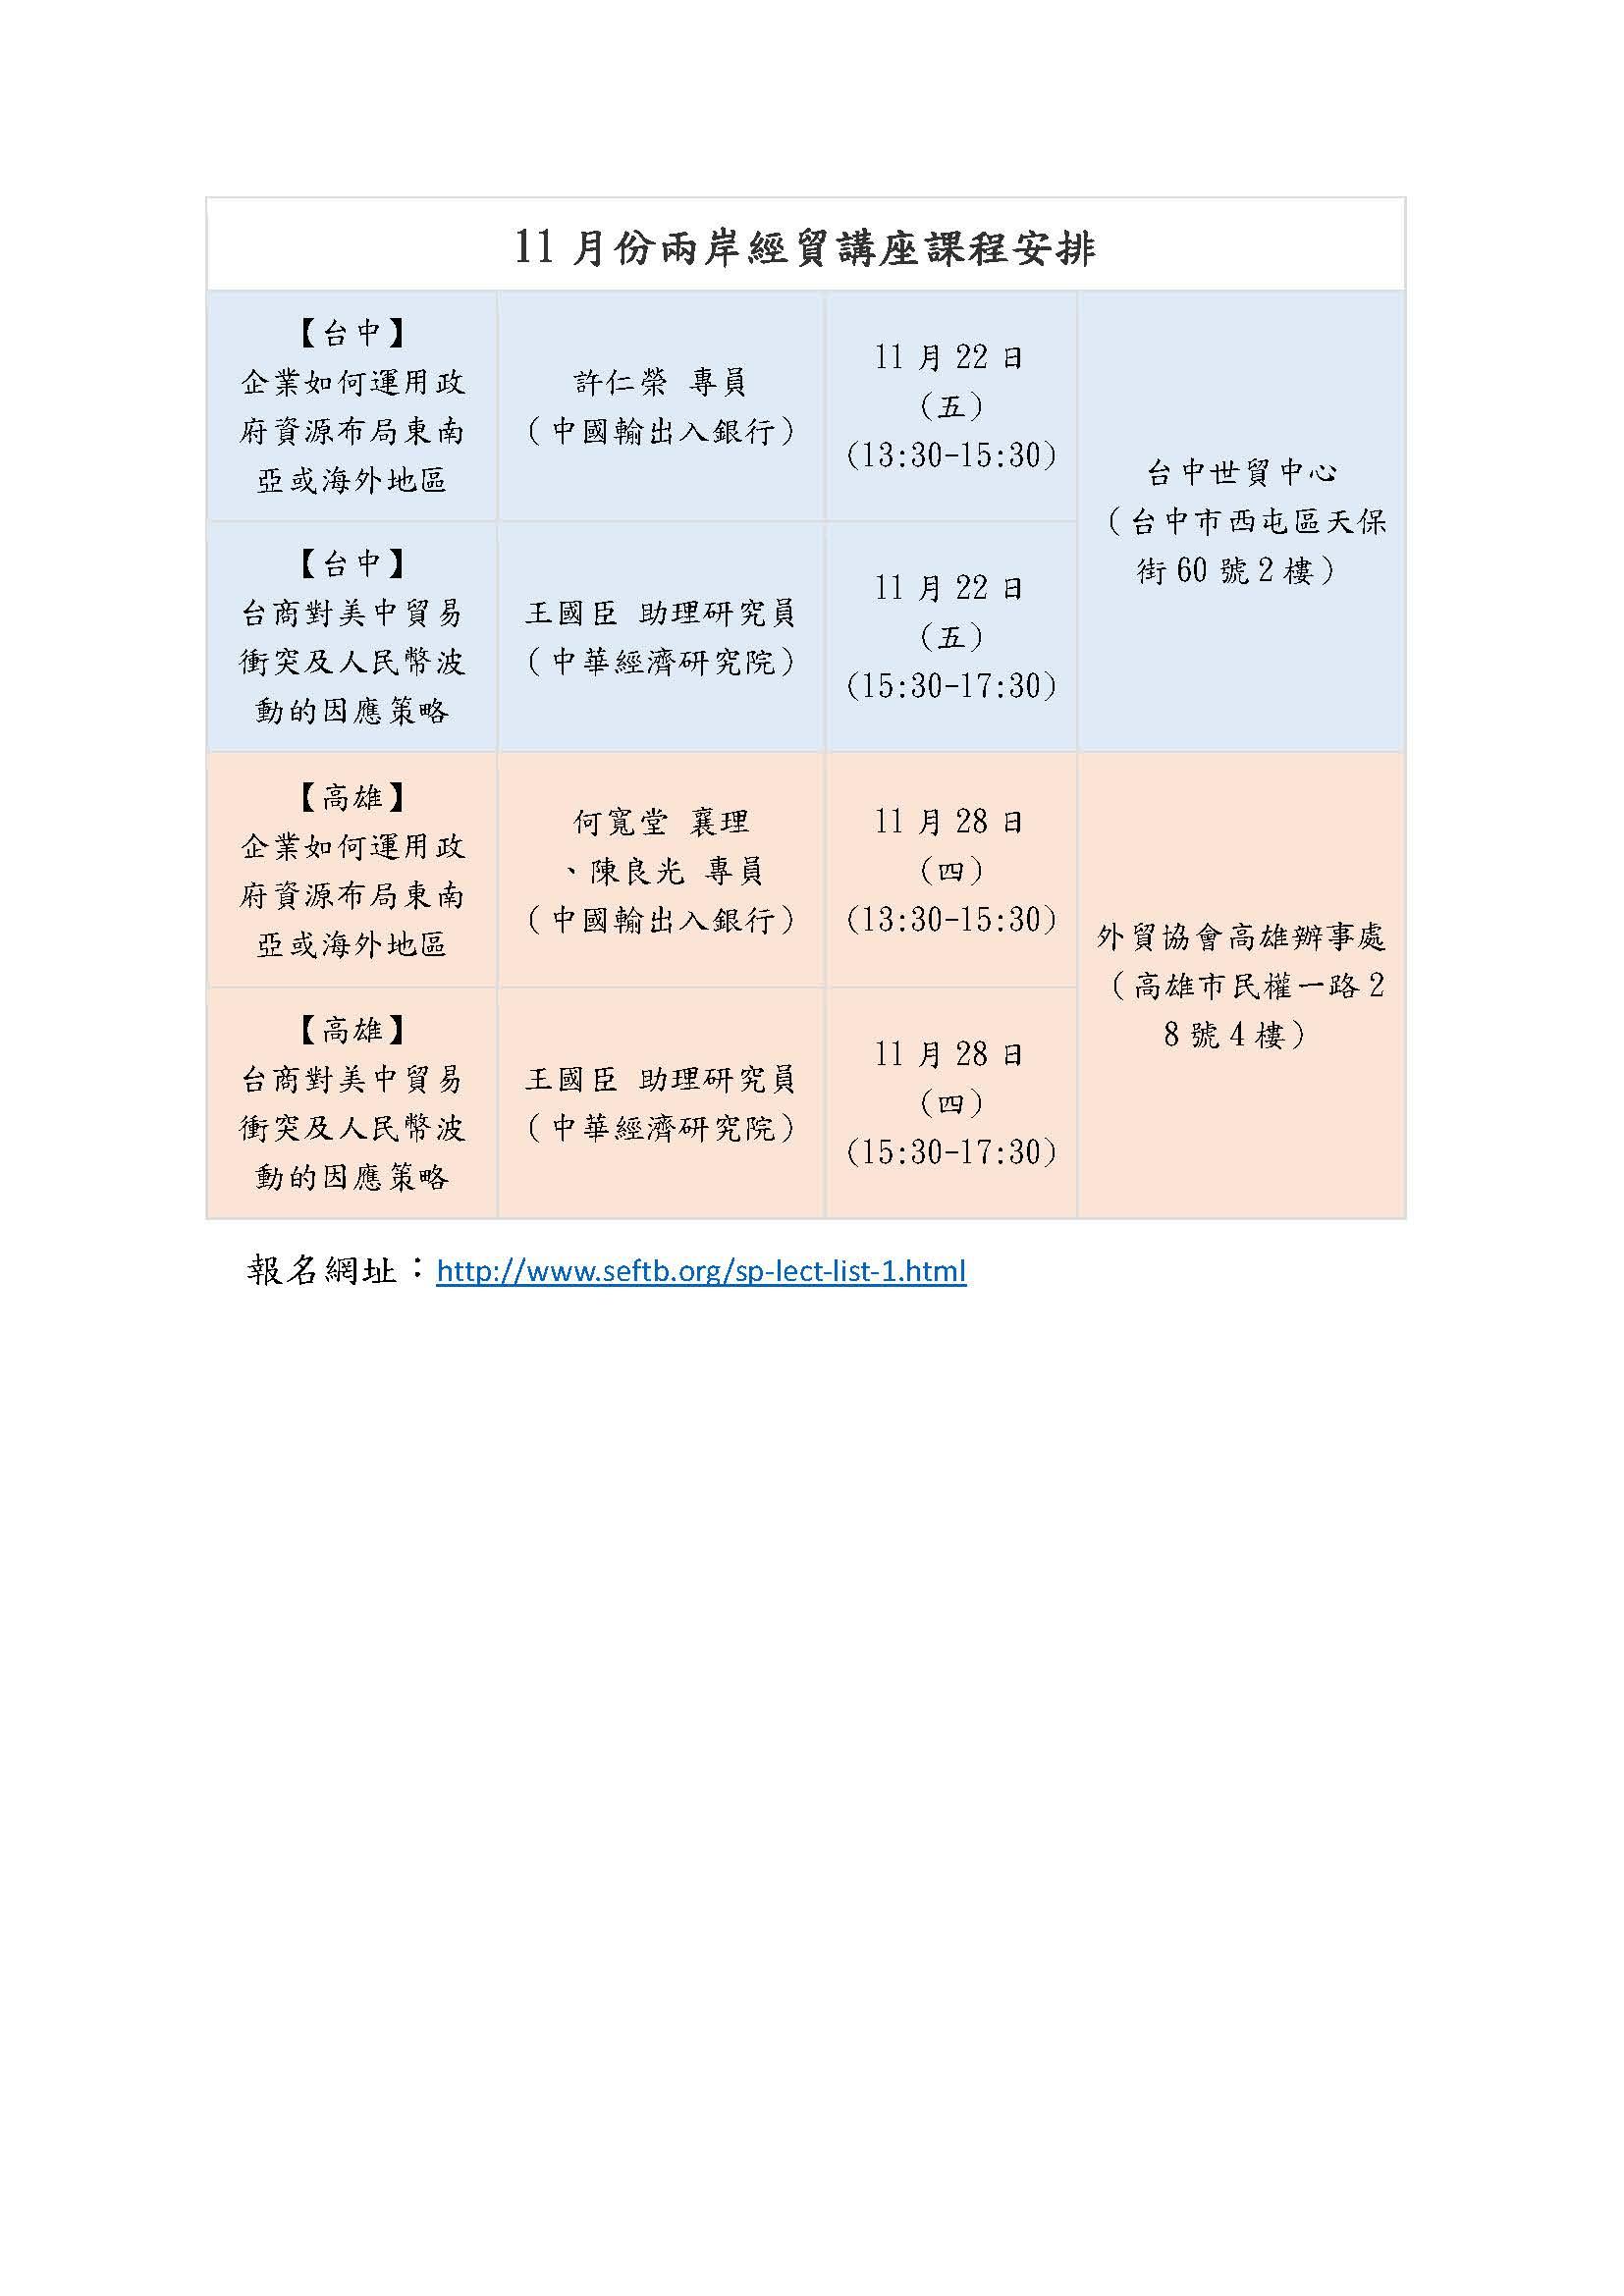 圖片說明-台中分行、高雄分行與海基會訂於11月22日及11月28日,安排二場兩岸經貿講座課程